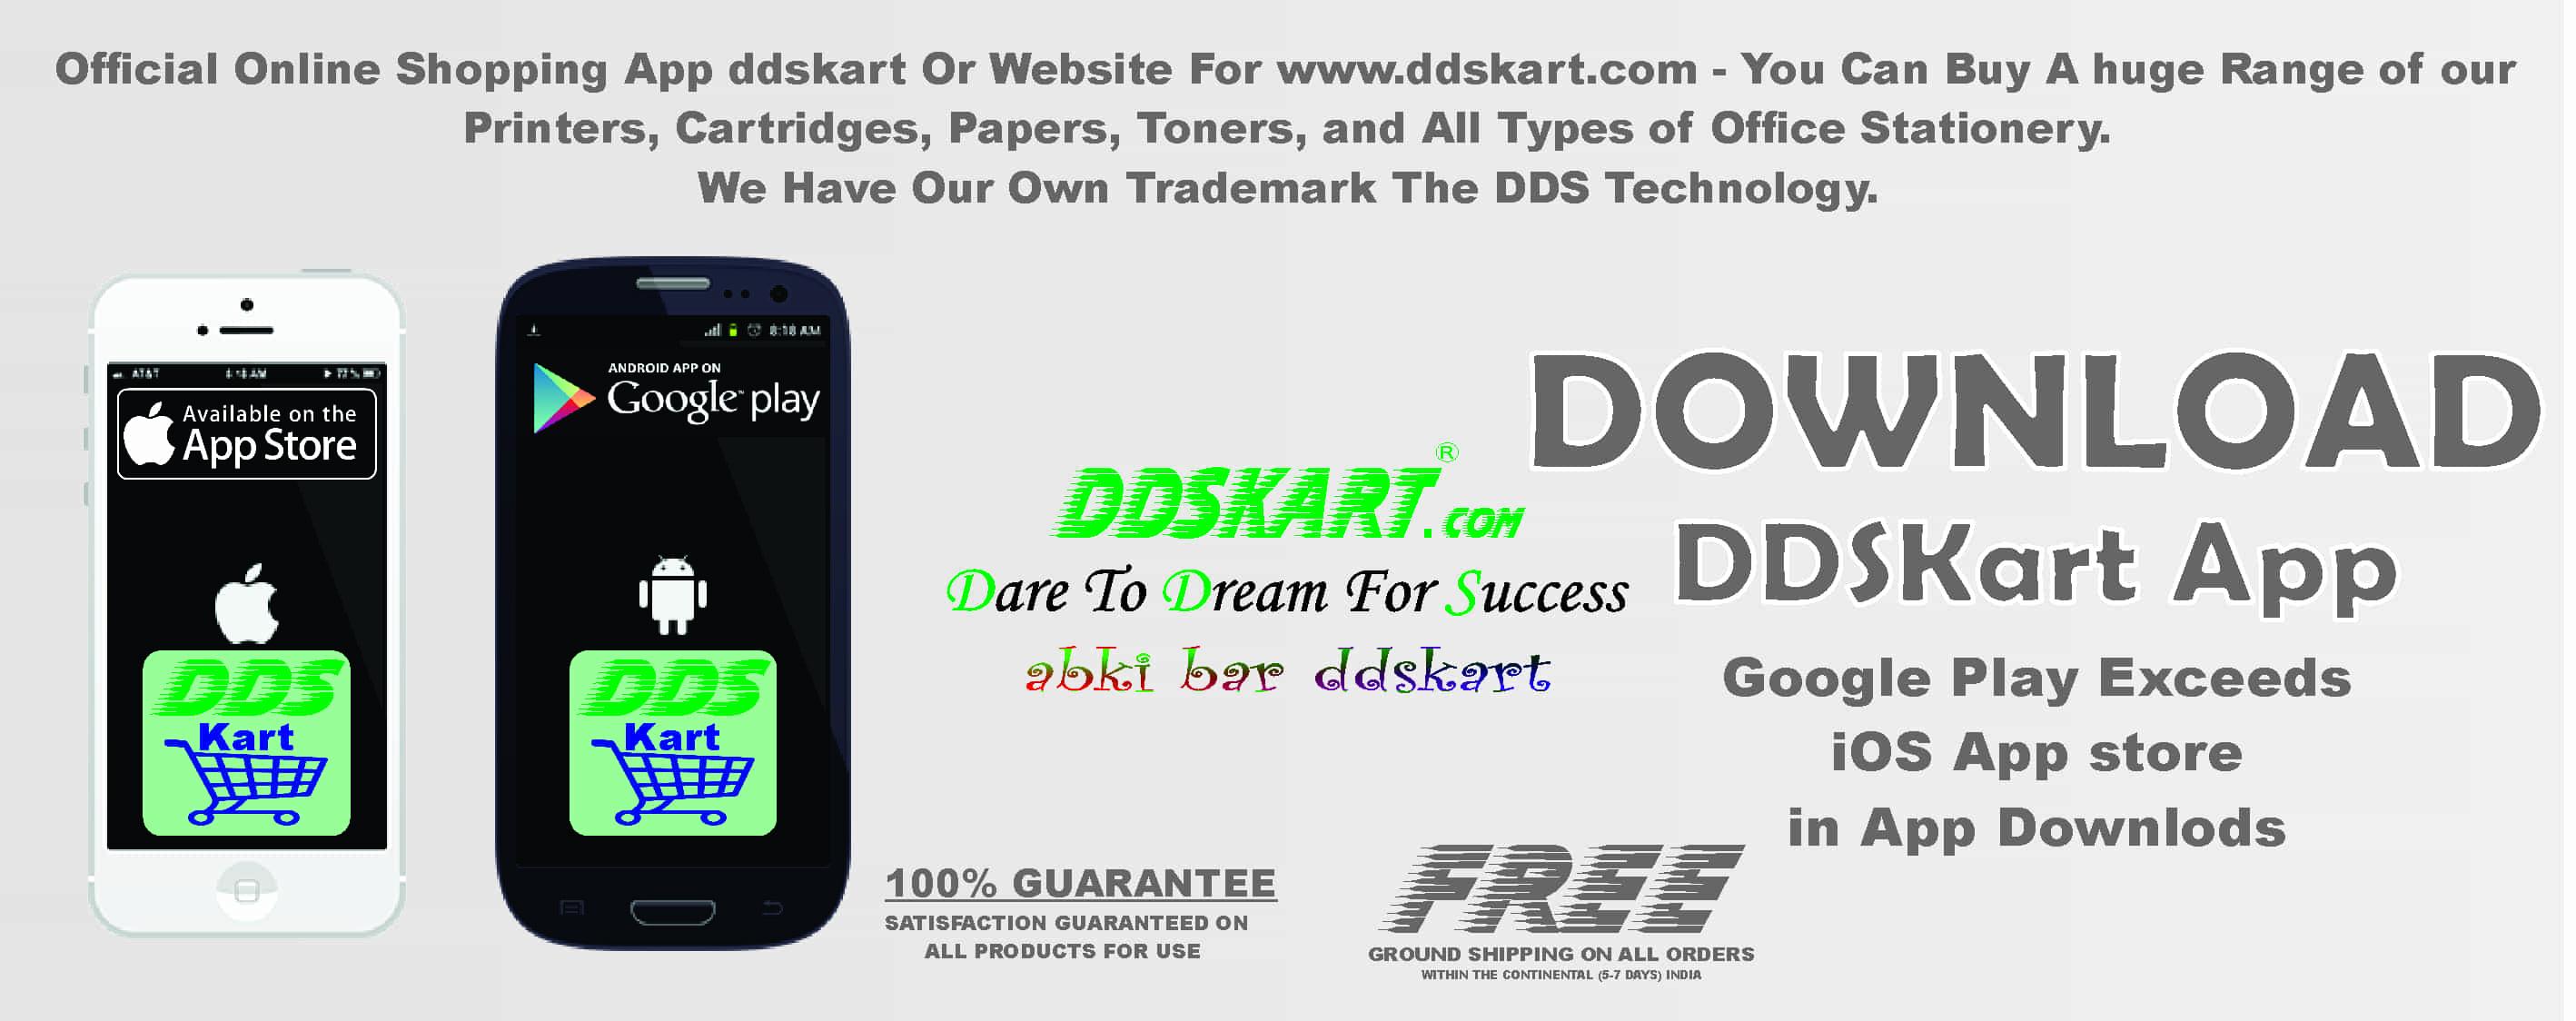 DDSKart banner1